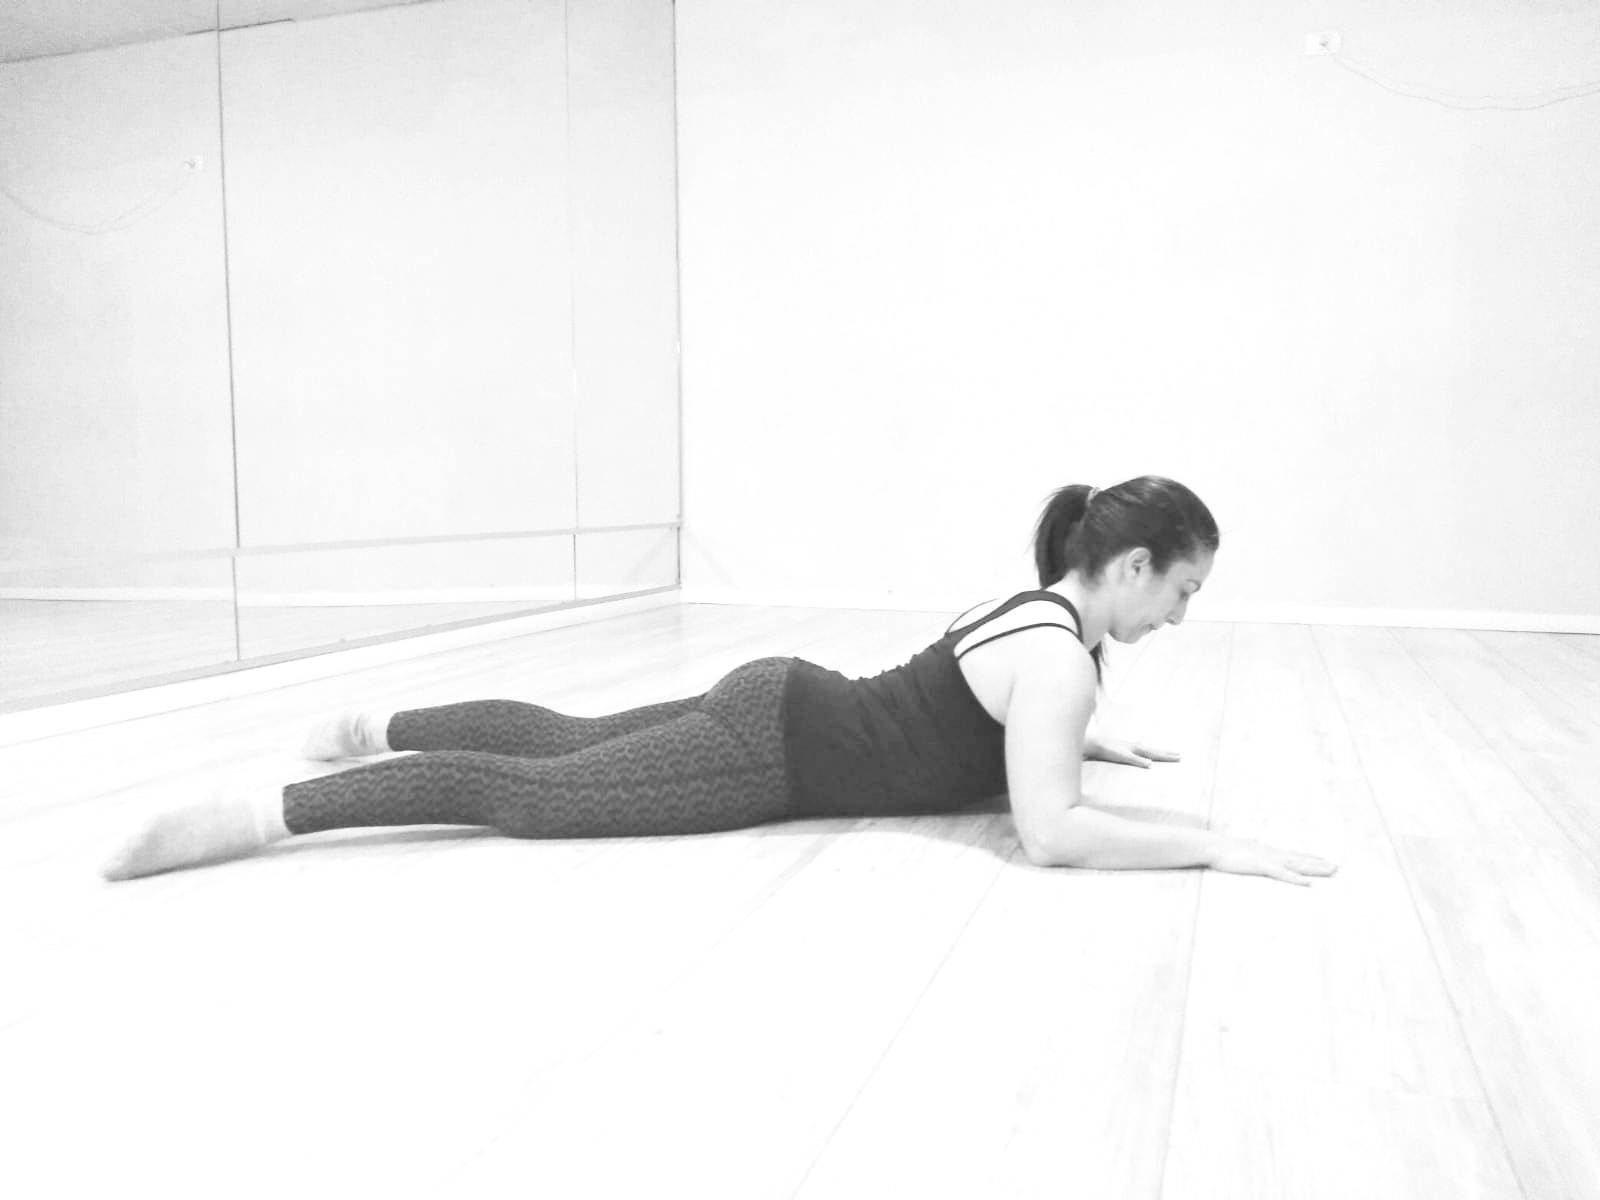 חשוב לחזק את שרירי הגב כדי למנוע כאבי גב אשר נובעים מישיבה מרובה.